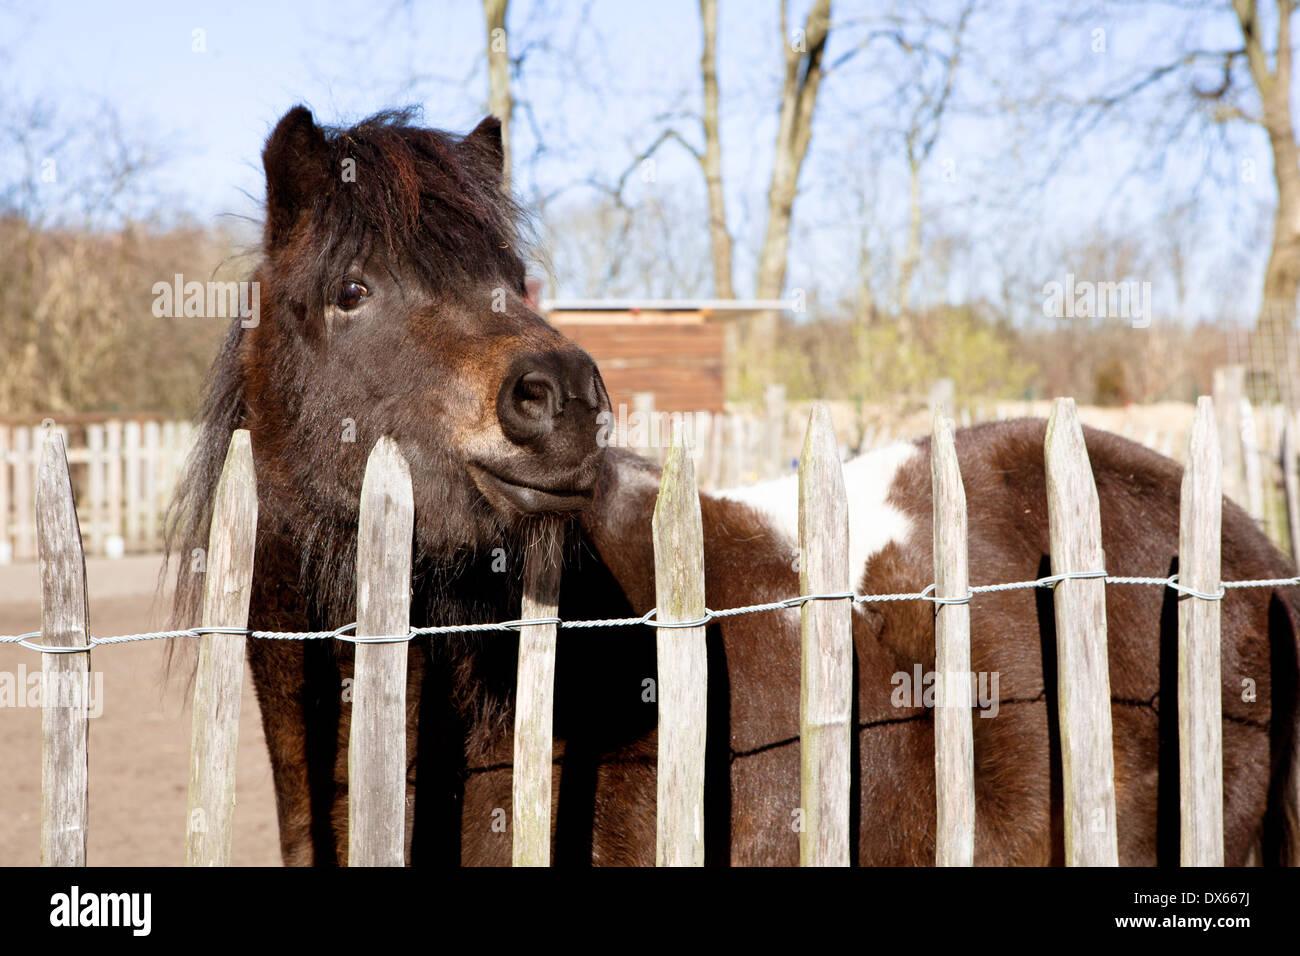 ein Shetlandpony steht am Zaun und schauen in die Kamera Stockfoto